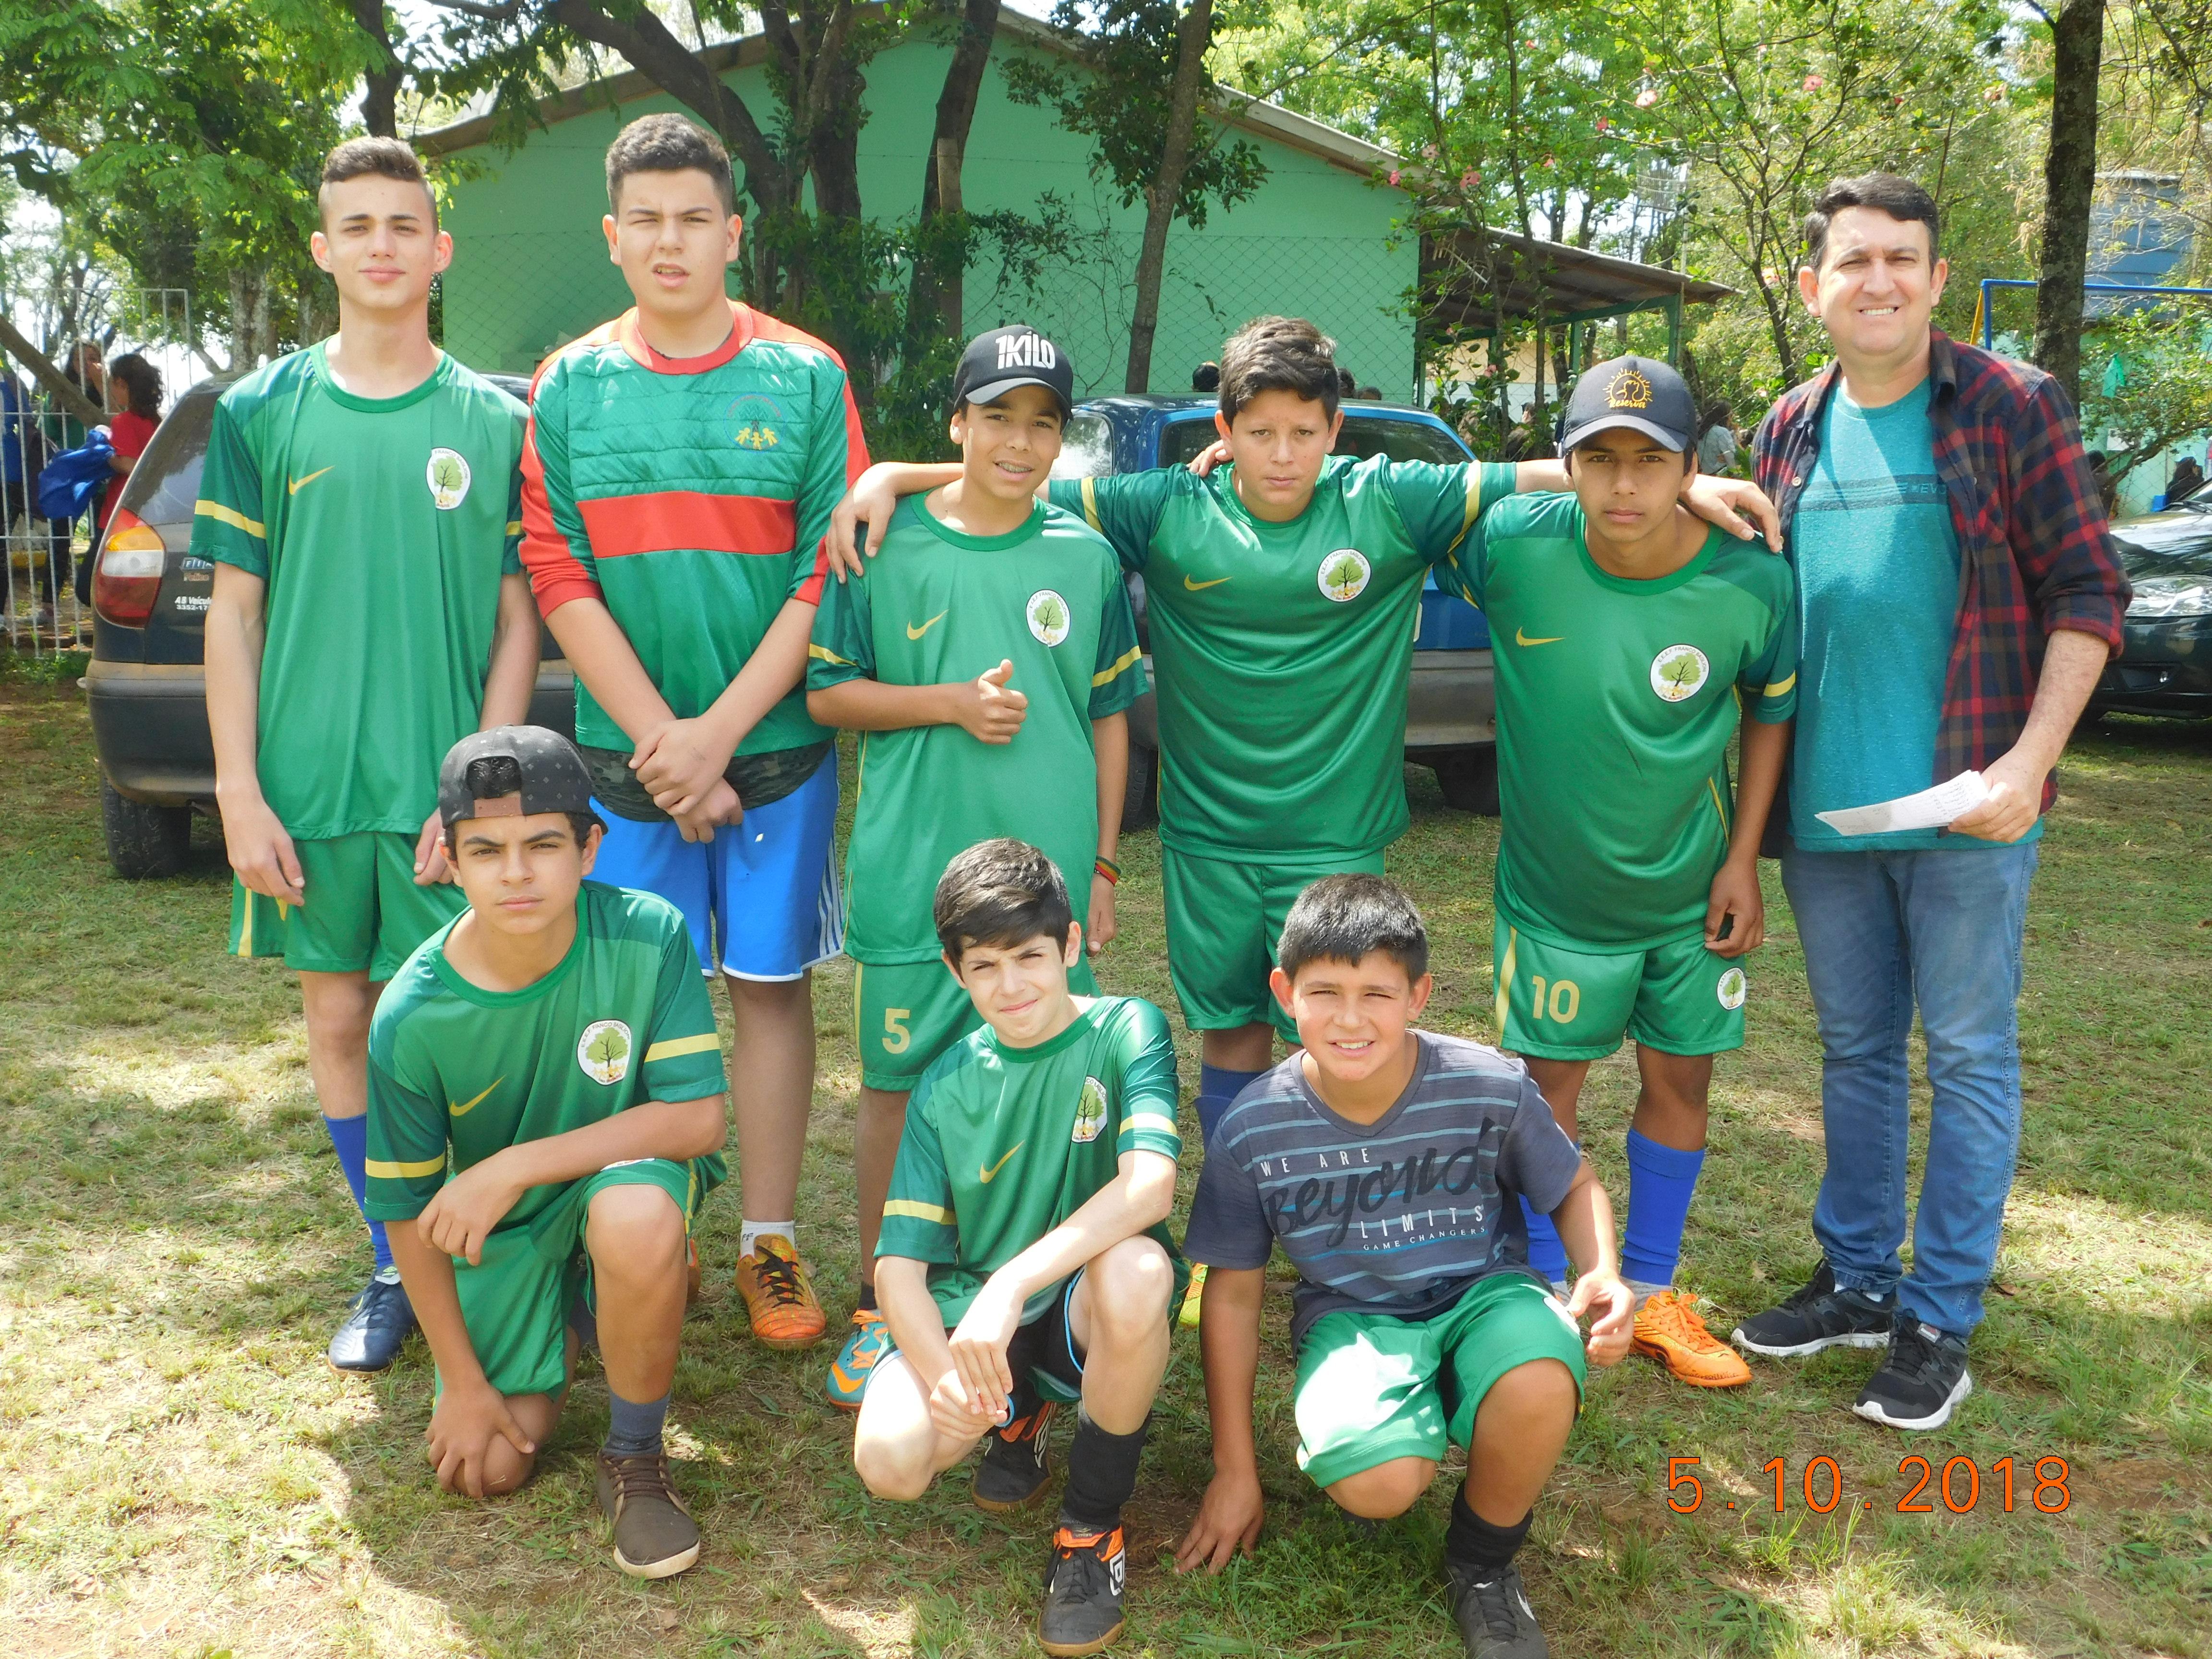 Uniforme esportivo adquirido com os recursos do NFG sendo utilizado pelos  alunos em torneio de futebol de integração de escolas do campo. 118eddac6cb6b